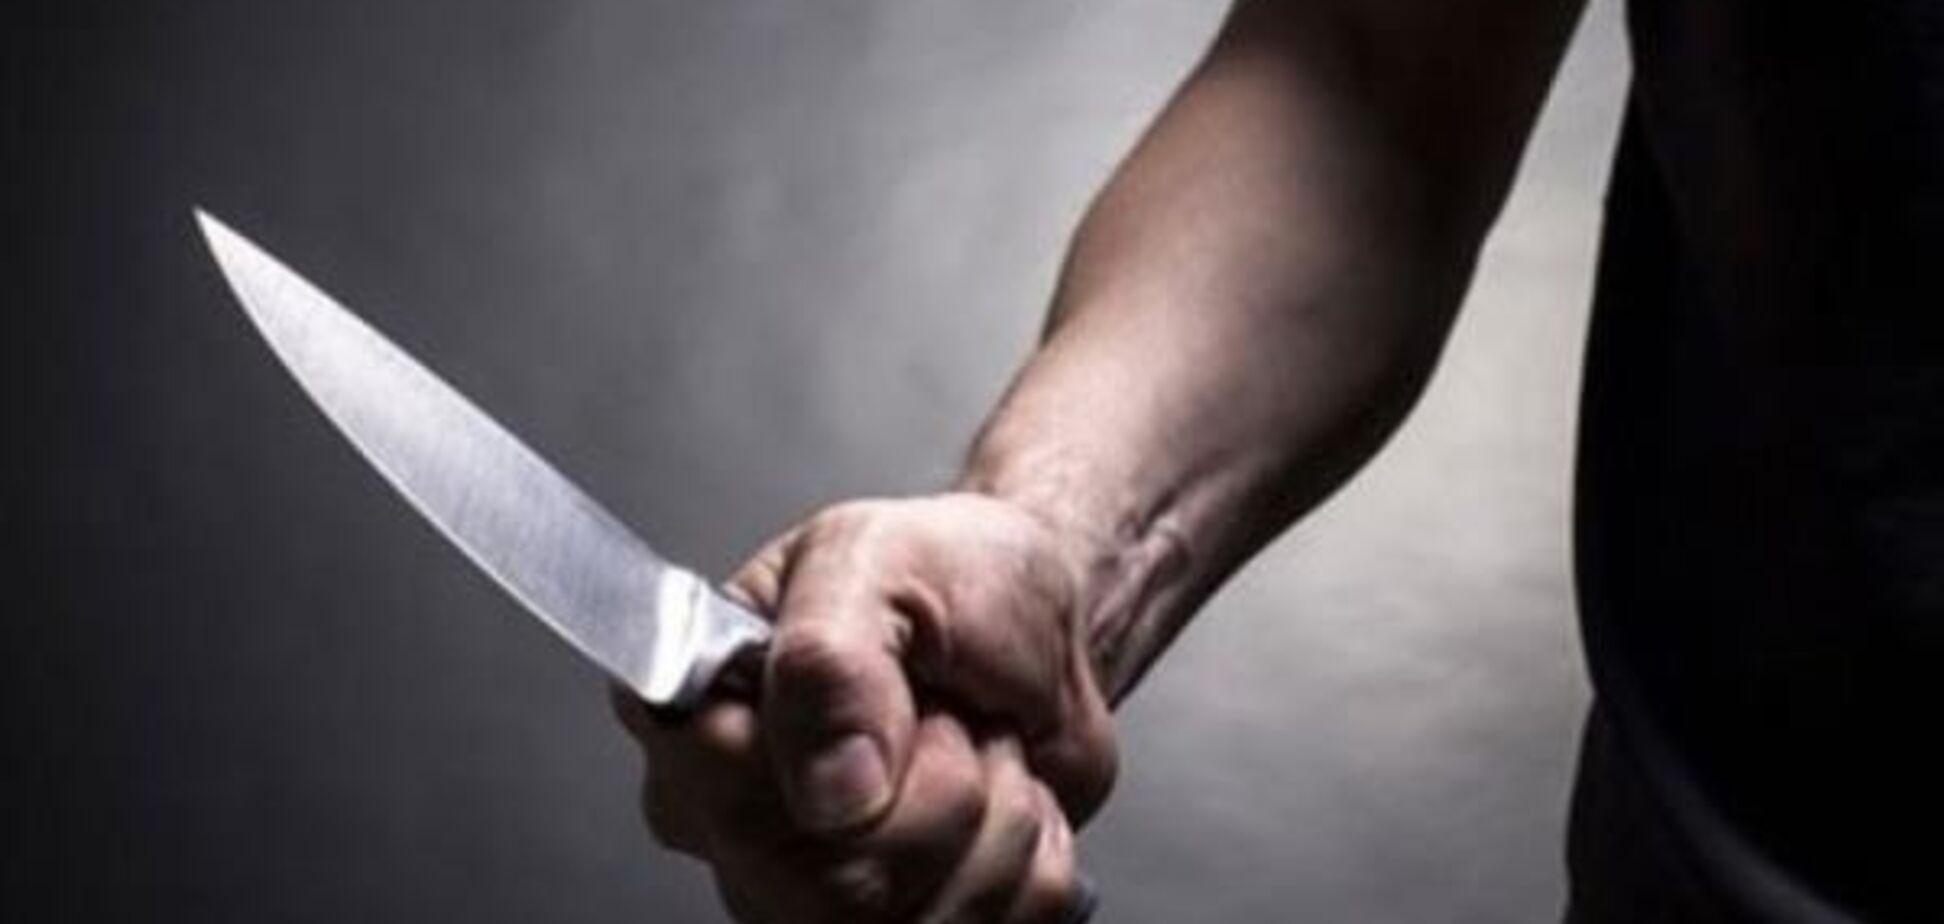 У Києві кількість вбивств зменшилася майже вдвічі